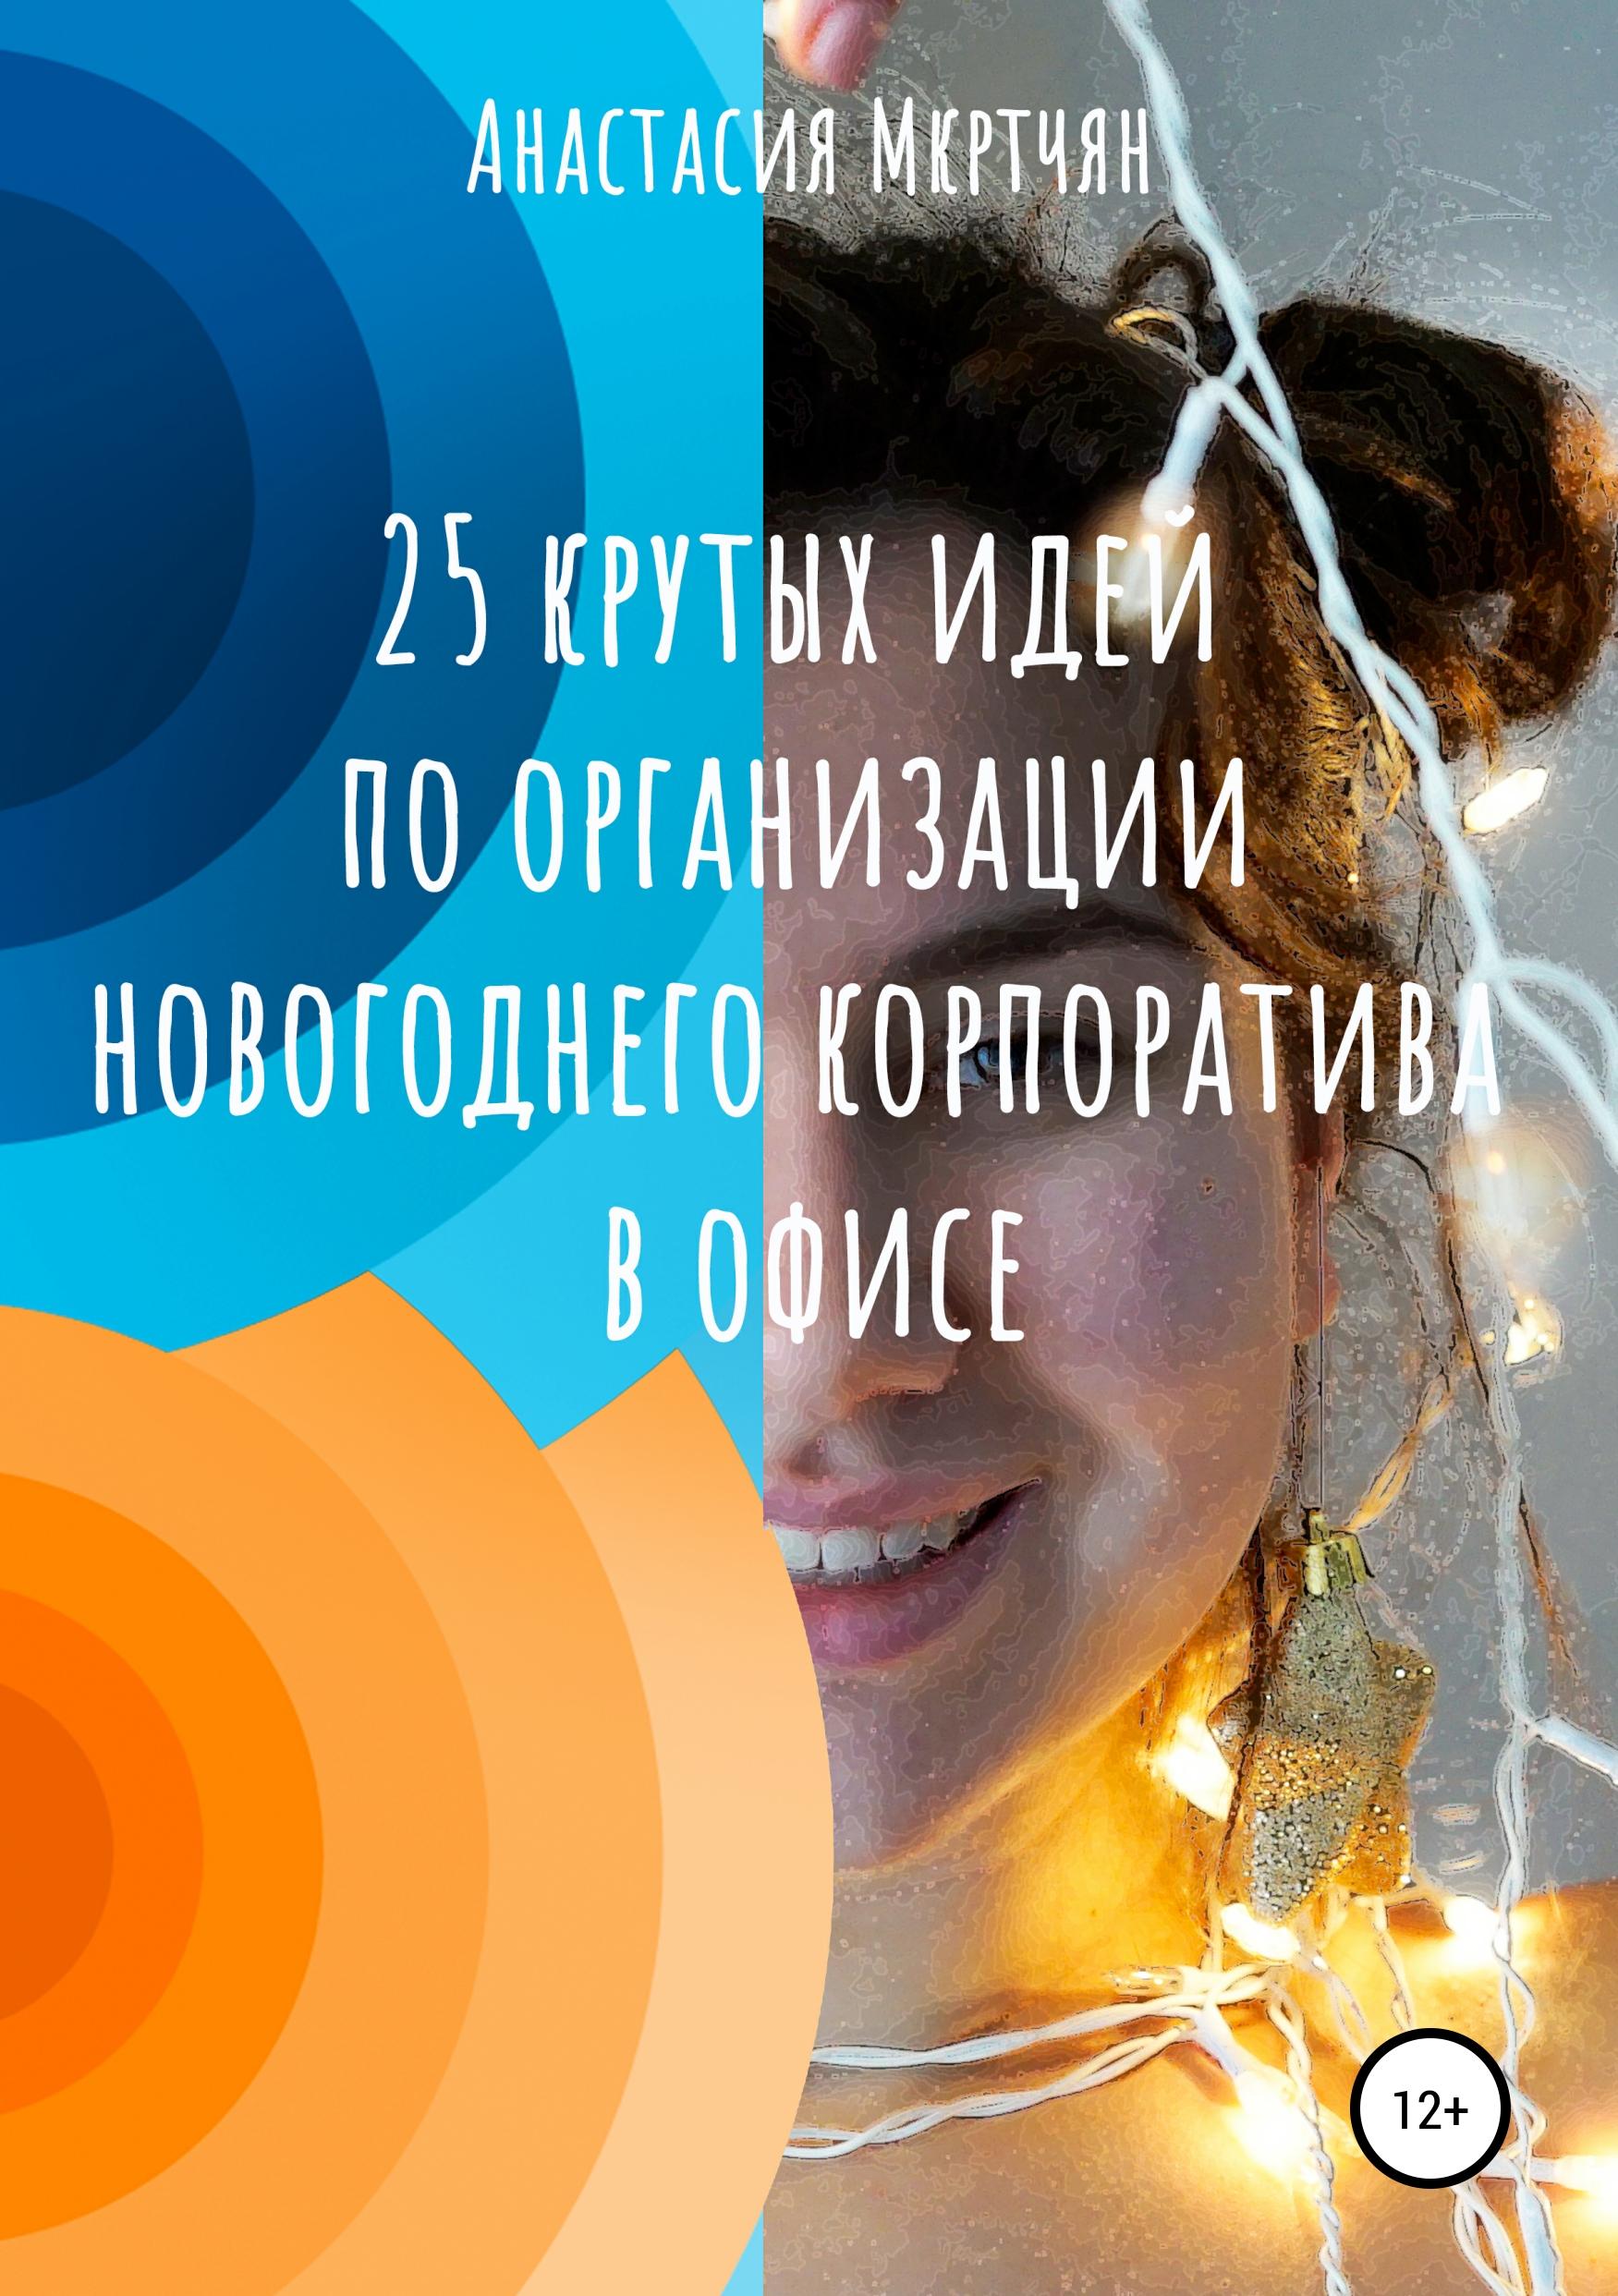 25 крутых идей по организации новогоднего корпоратива в офисе